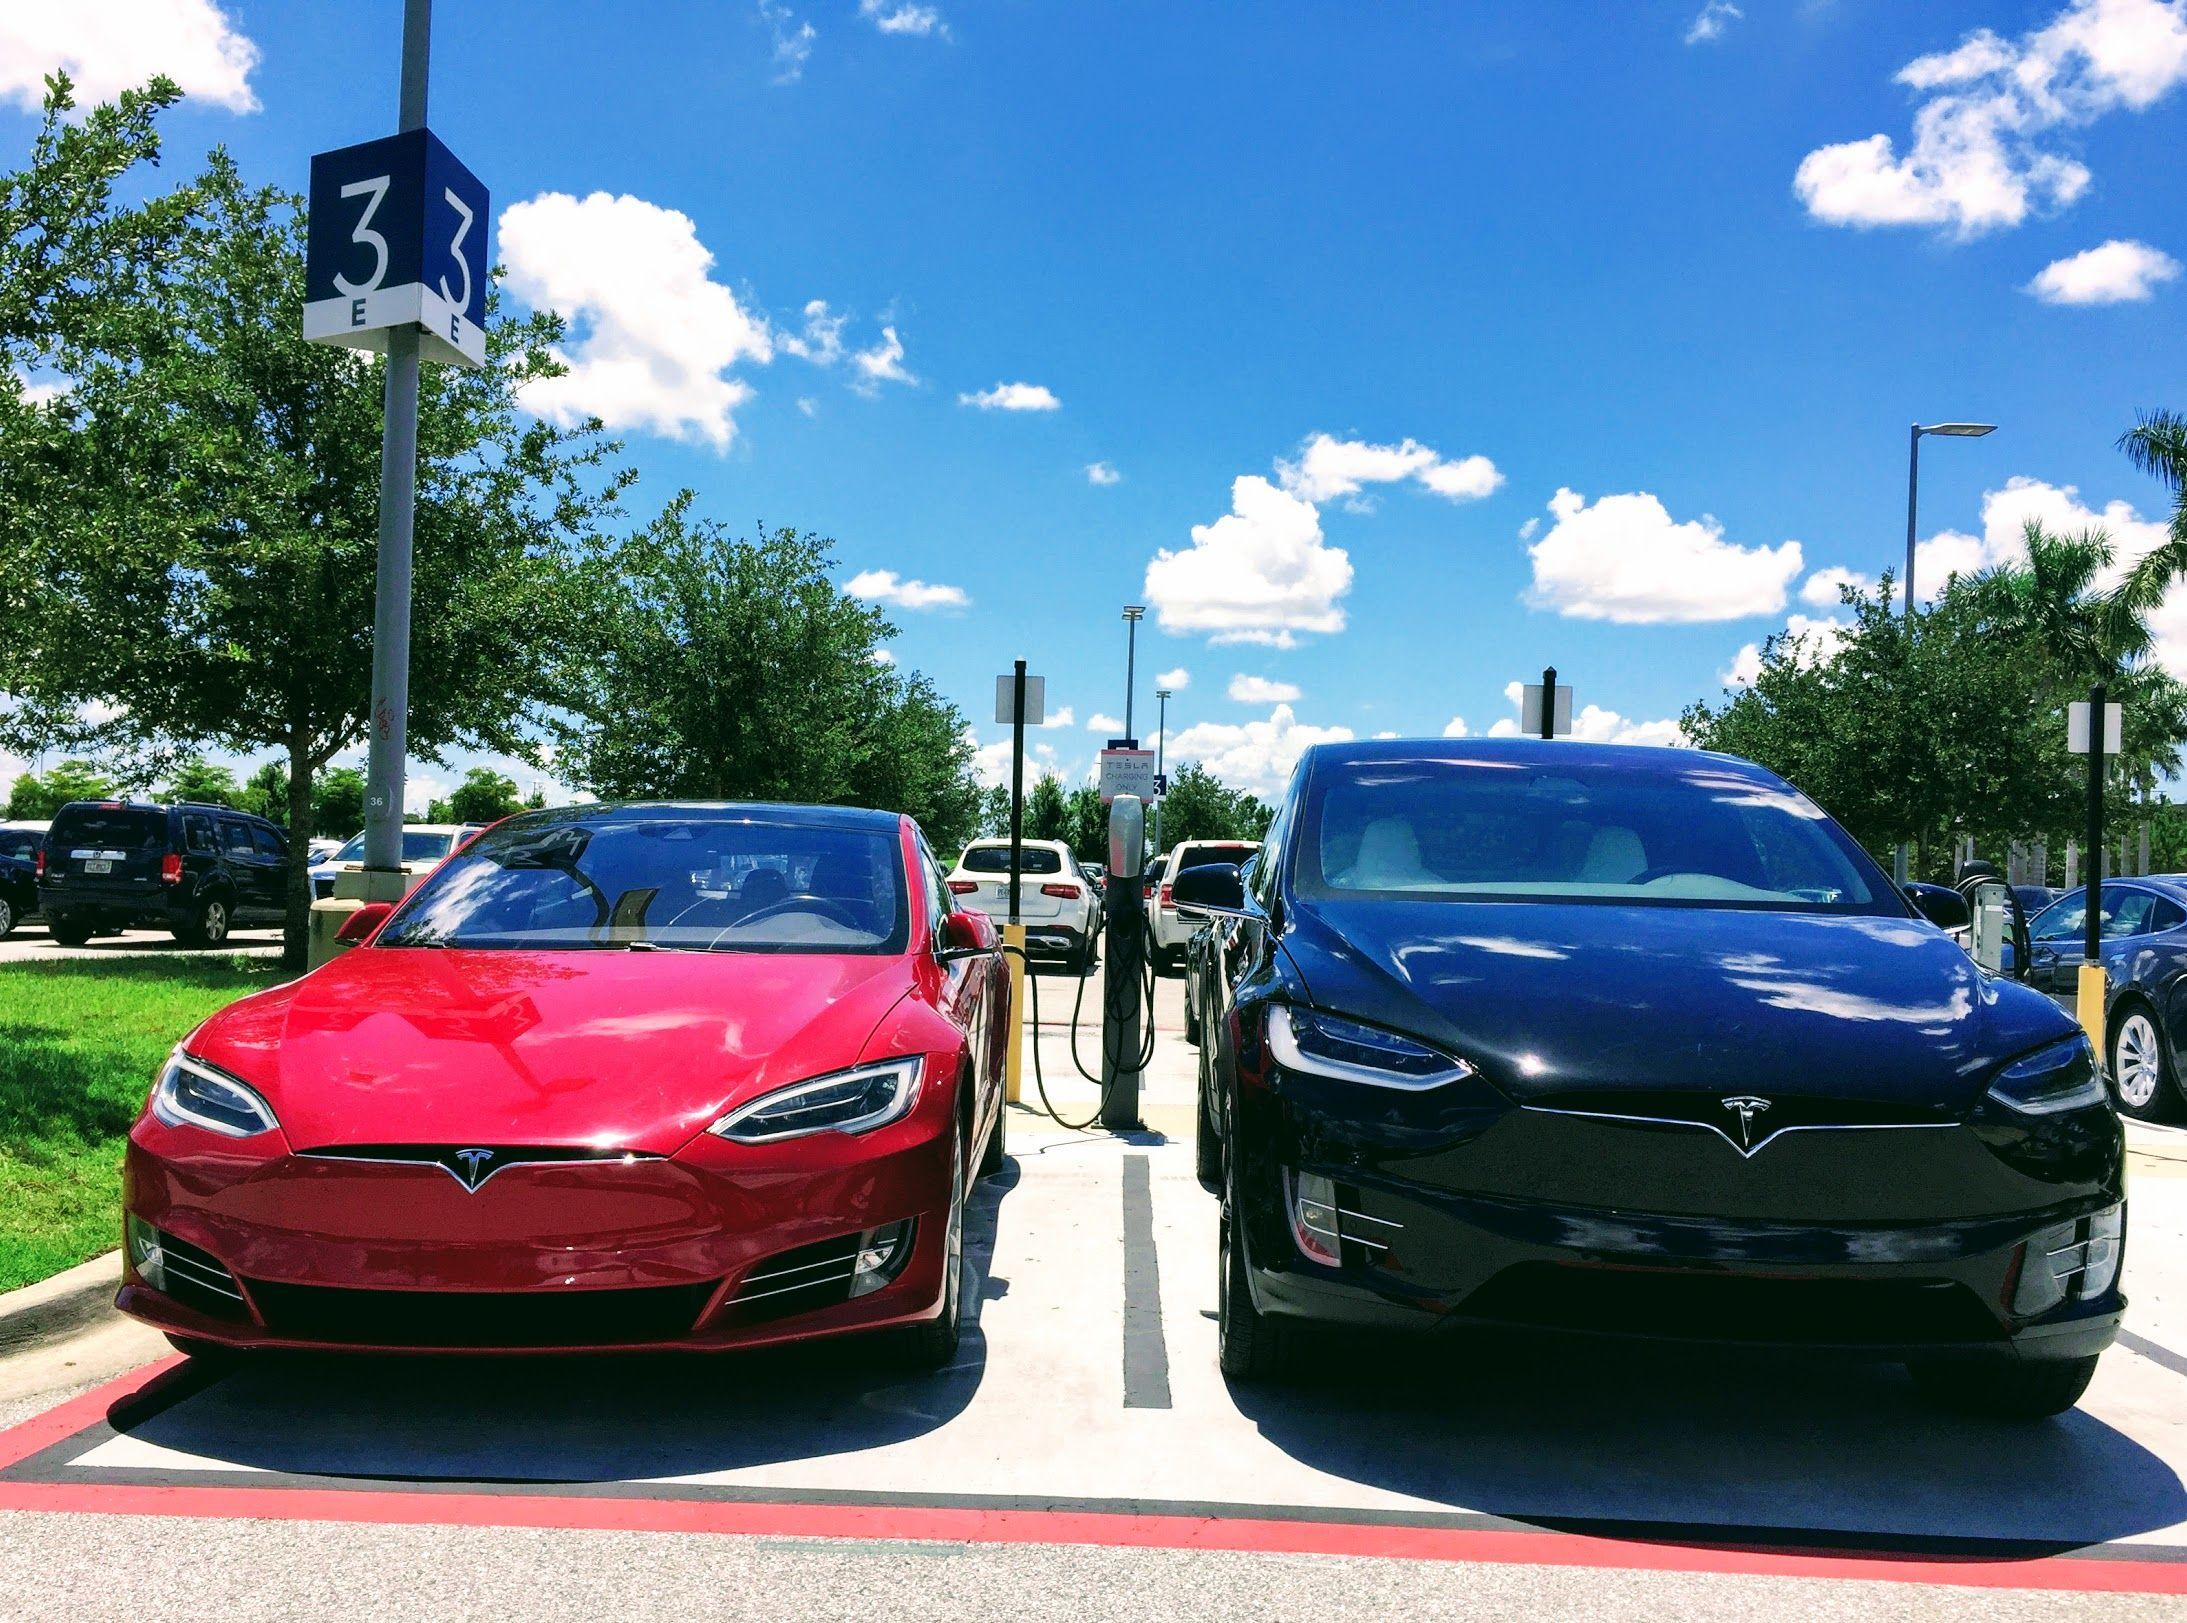 Tesla Model S Still 1 Large Luxury Car In Usa Luxurycars Luxury Cars Tesla Model Tesla Model S